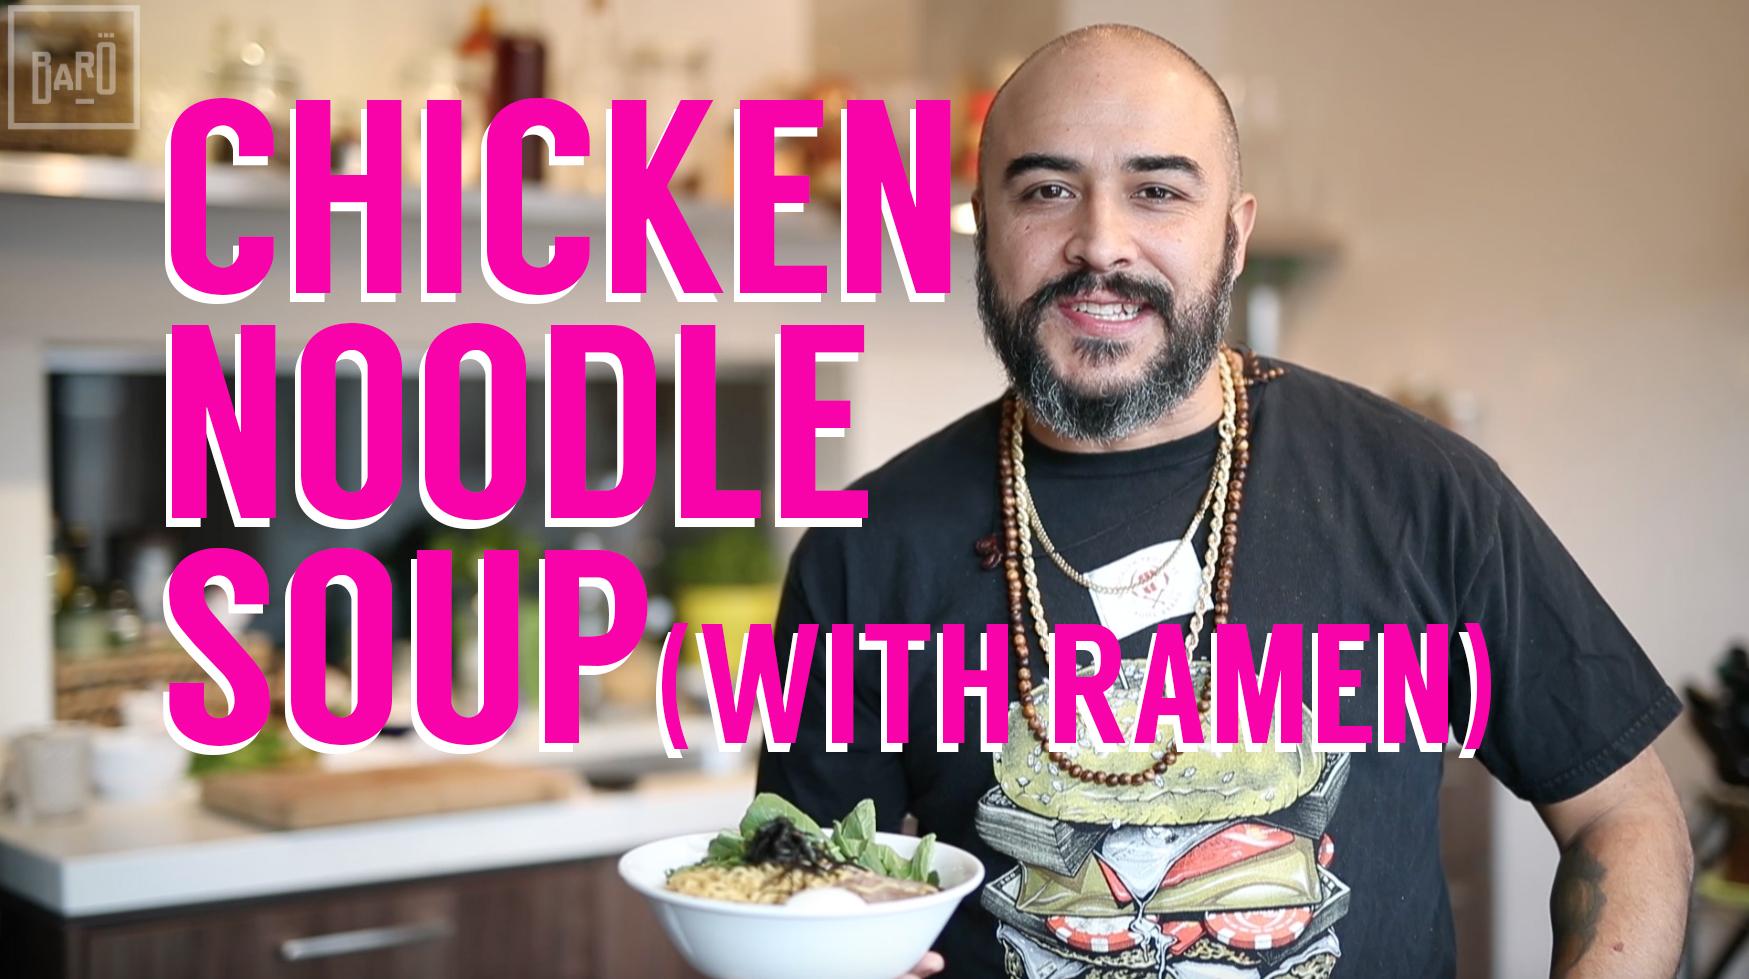 Chicken Noodle Soup Thumbnail